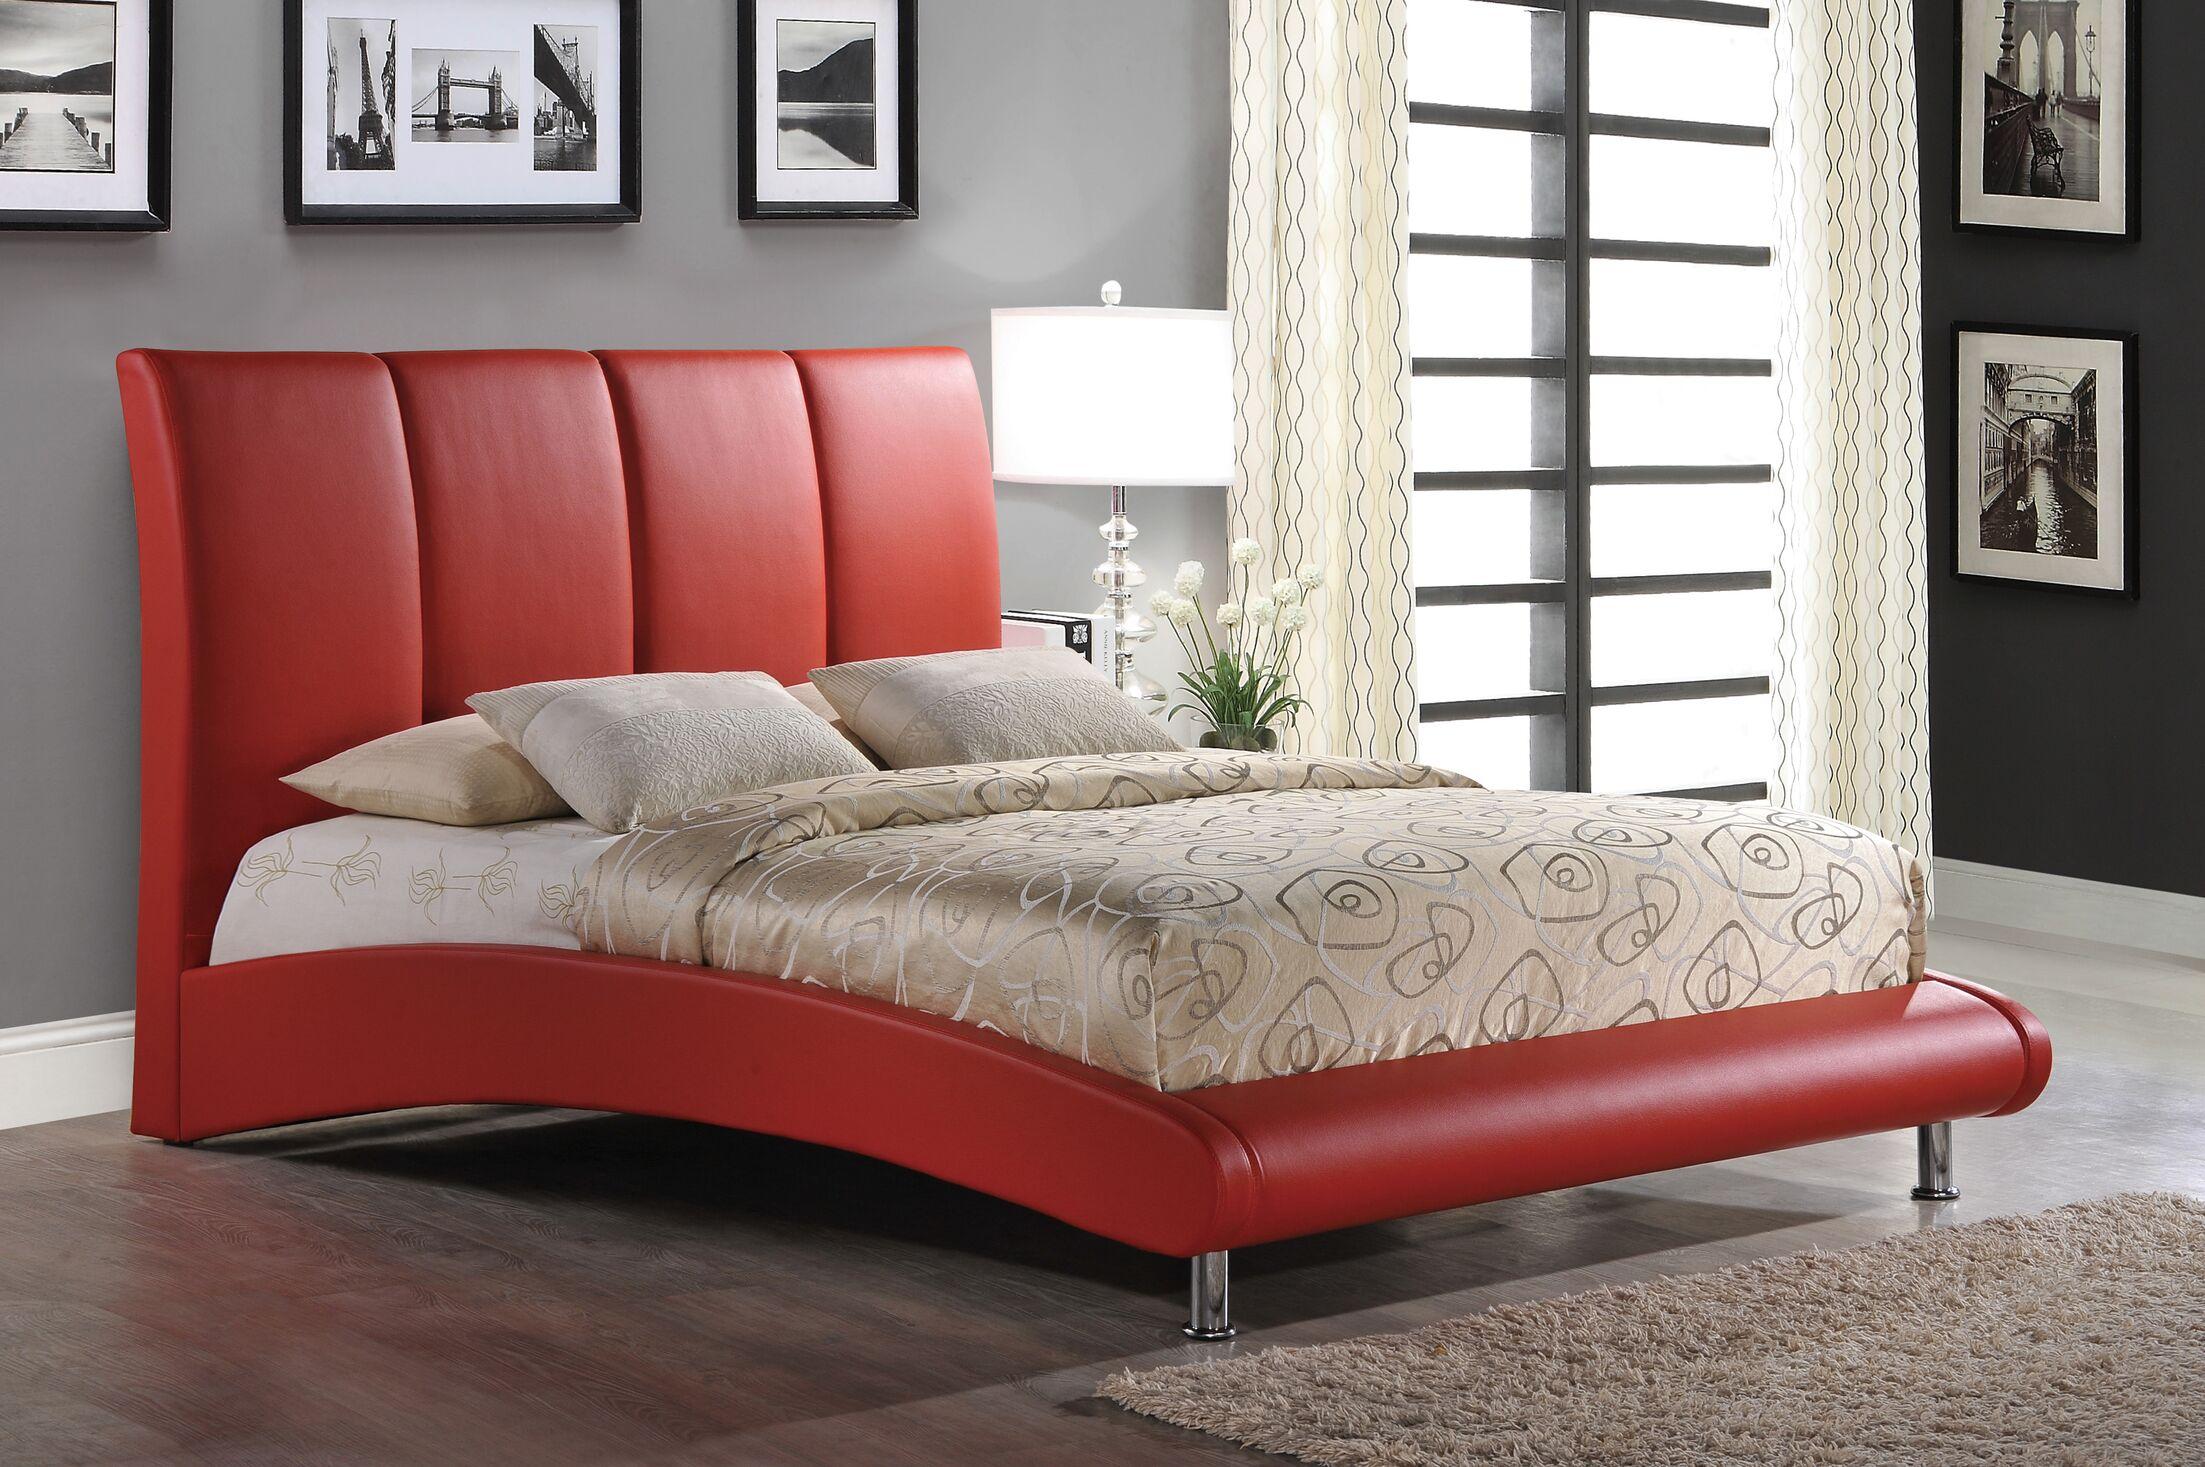 Upholstered Platform Bed Size: Queen, Color: Red